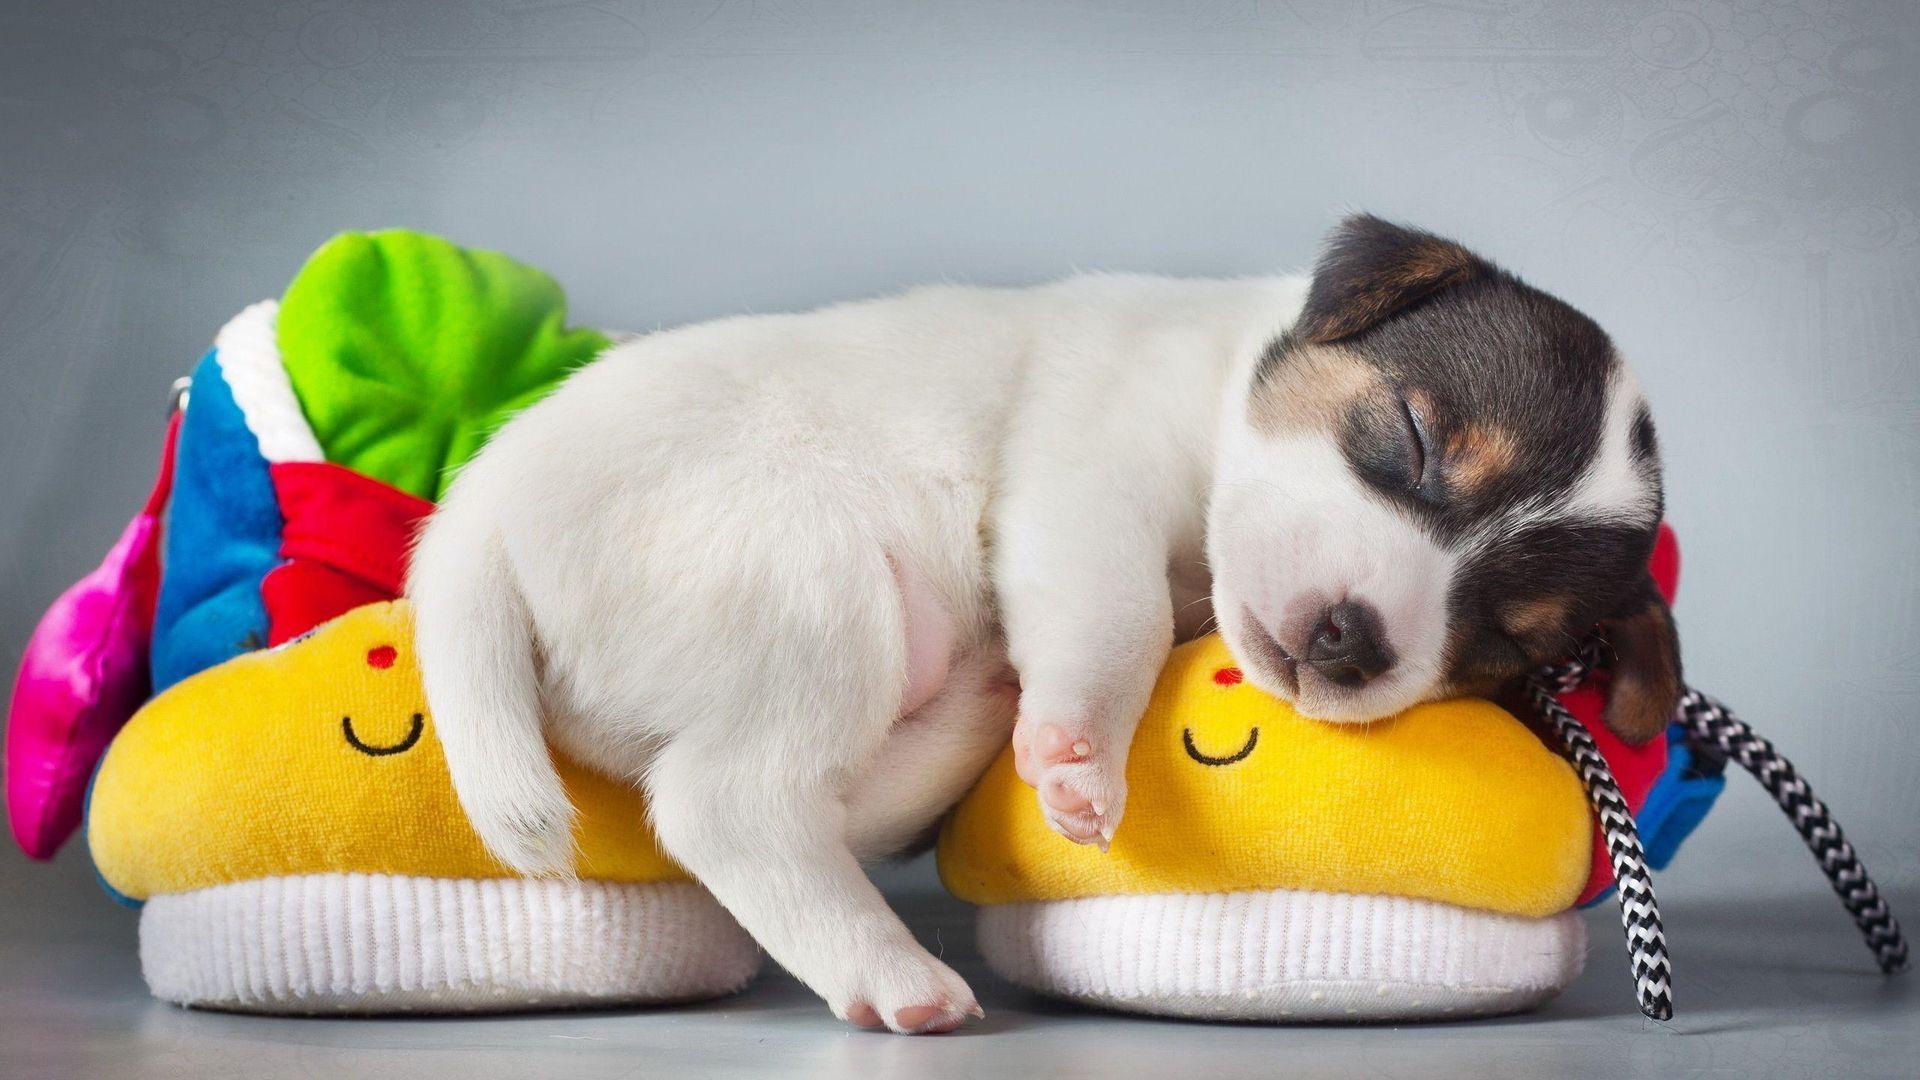 Pet Cute Puppy Sleeping Wallpaper   Wallpaper Stream 1920x1080